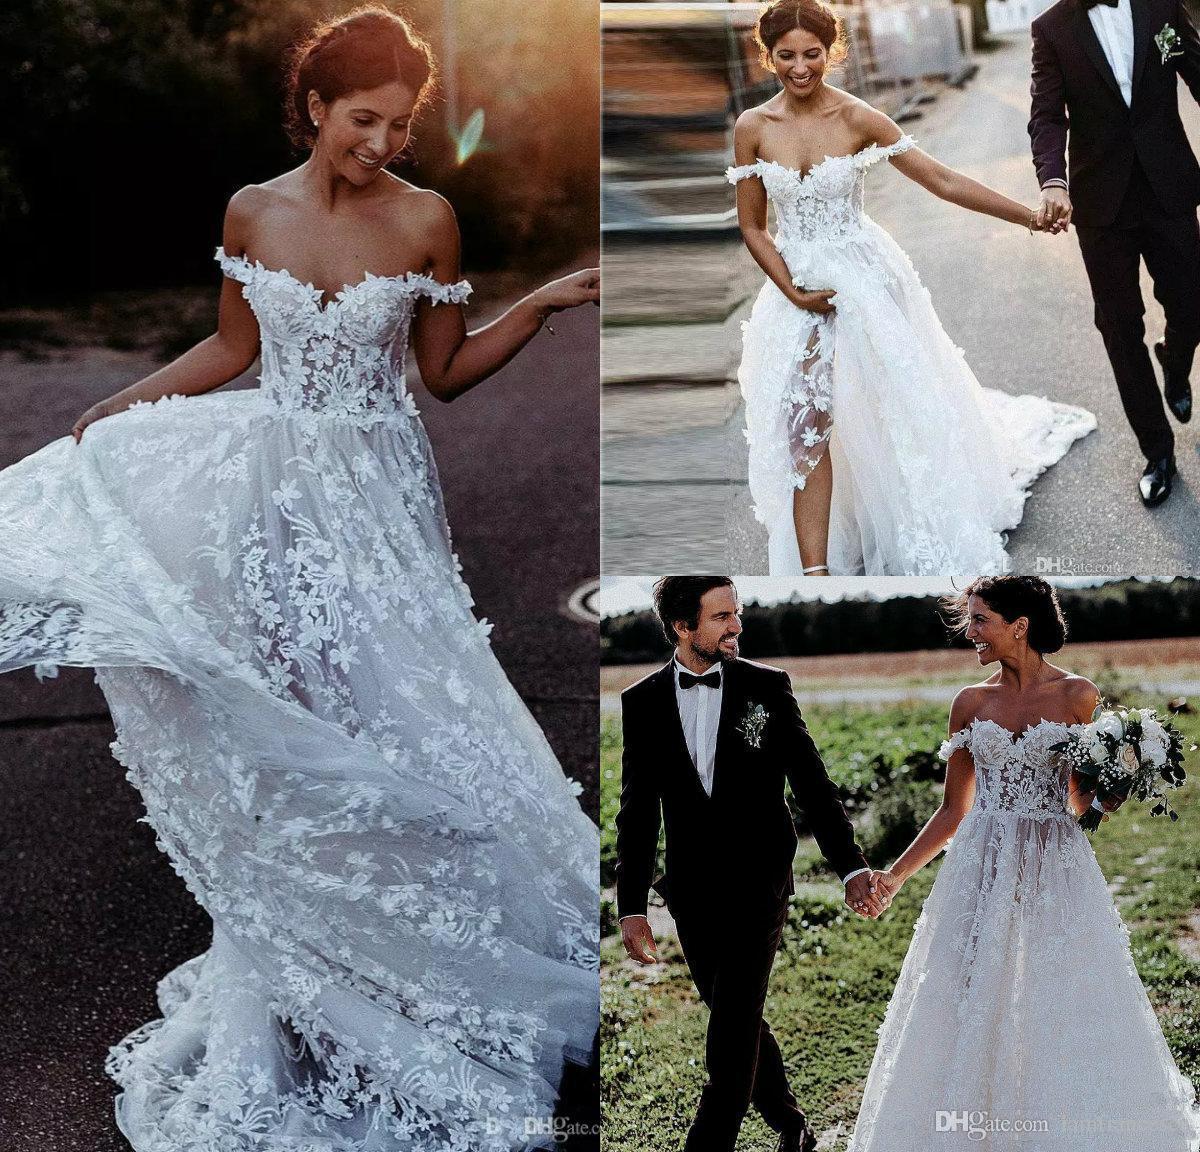 cc4720fd0650 Acquista 2019 Bohemian Wedding Dresses Off The Shoulder Lace 3D Appliques  Floreali Una Linea Beach Abito Da Sposa Abiti Da Sposa Sweep Train  Economici A ...